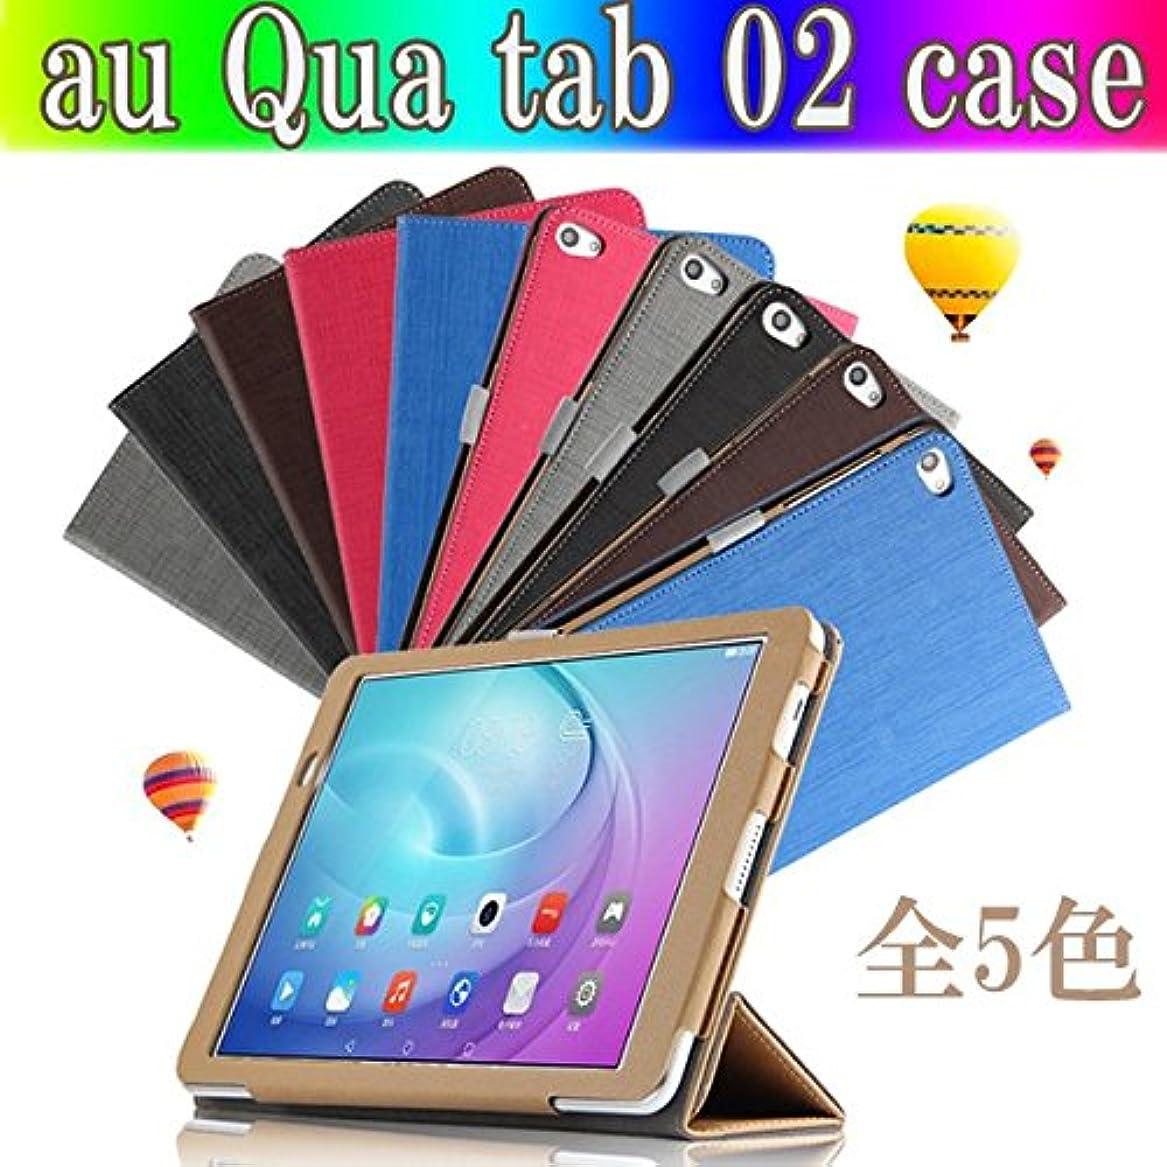 シャワー豊かにする達成するSP-MART(オリジナル)au Qua tab 02 ケース au Qua tab 02 カバー[全5色] スタンド 3つ折&色柄合せケース PUレザーケース au Qua tab 02 case au キュアタブ2 ケース au qua tab 02 cover エーユー Huawei Mediapad T2 10 Pro 10インチ タブレットPCケースesd3022_07 (Blue)